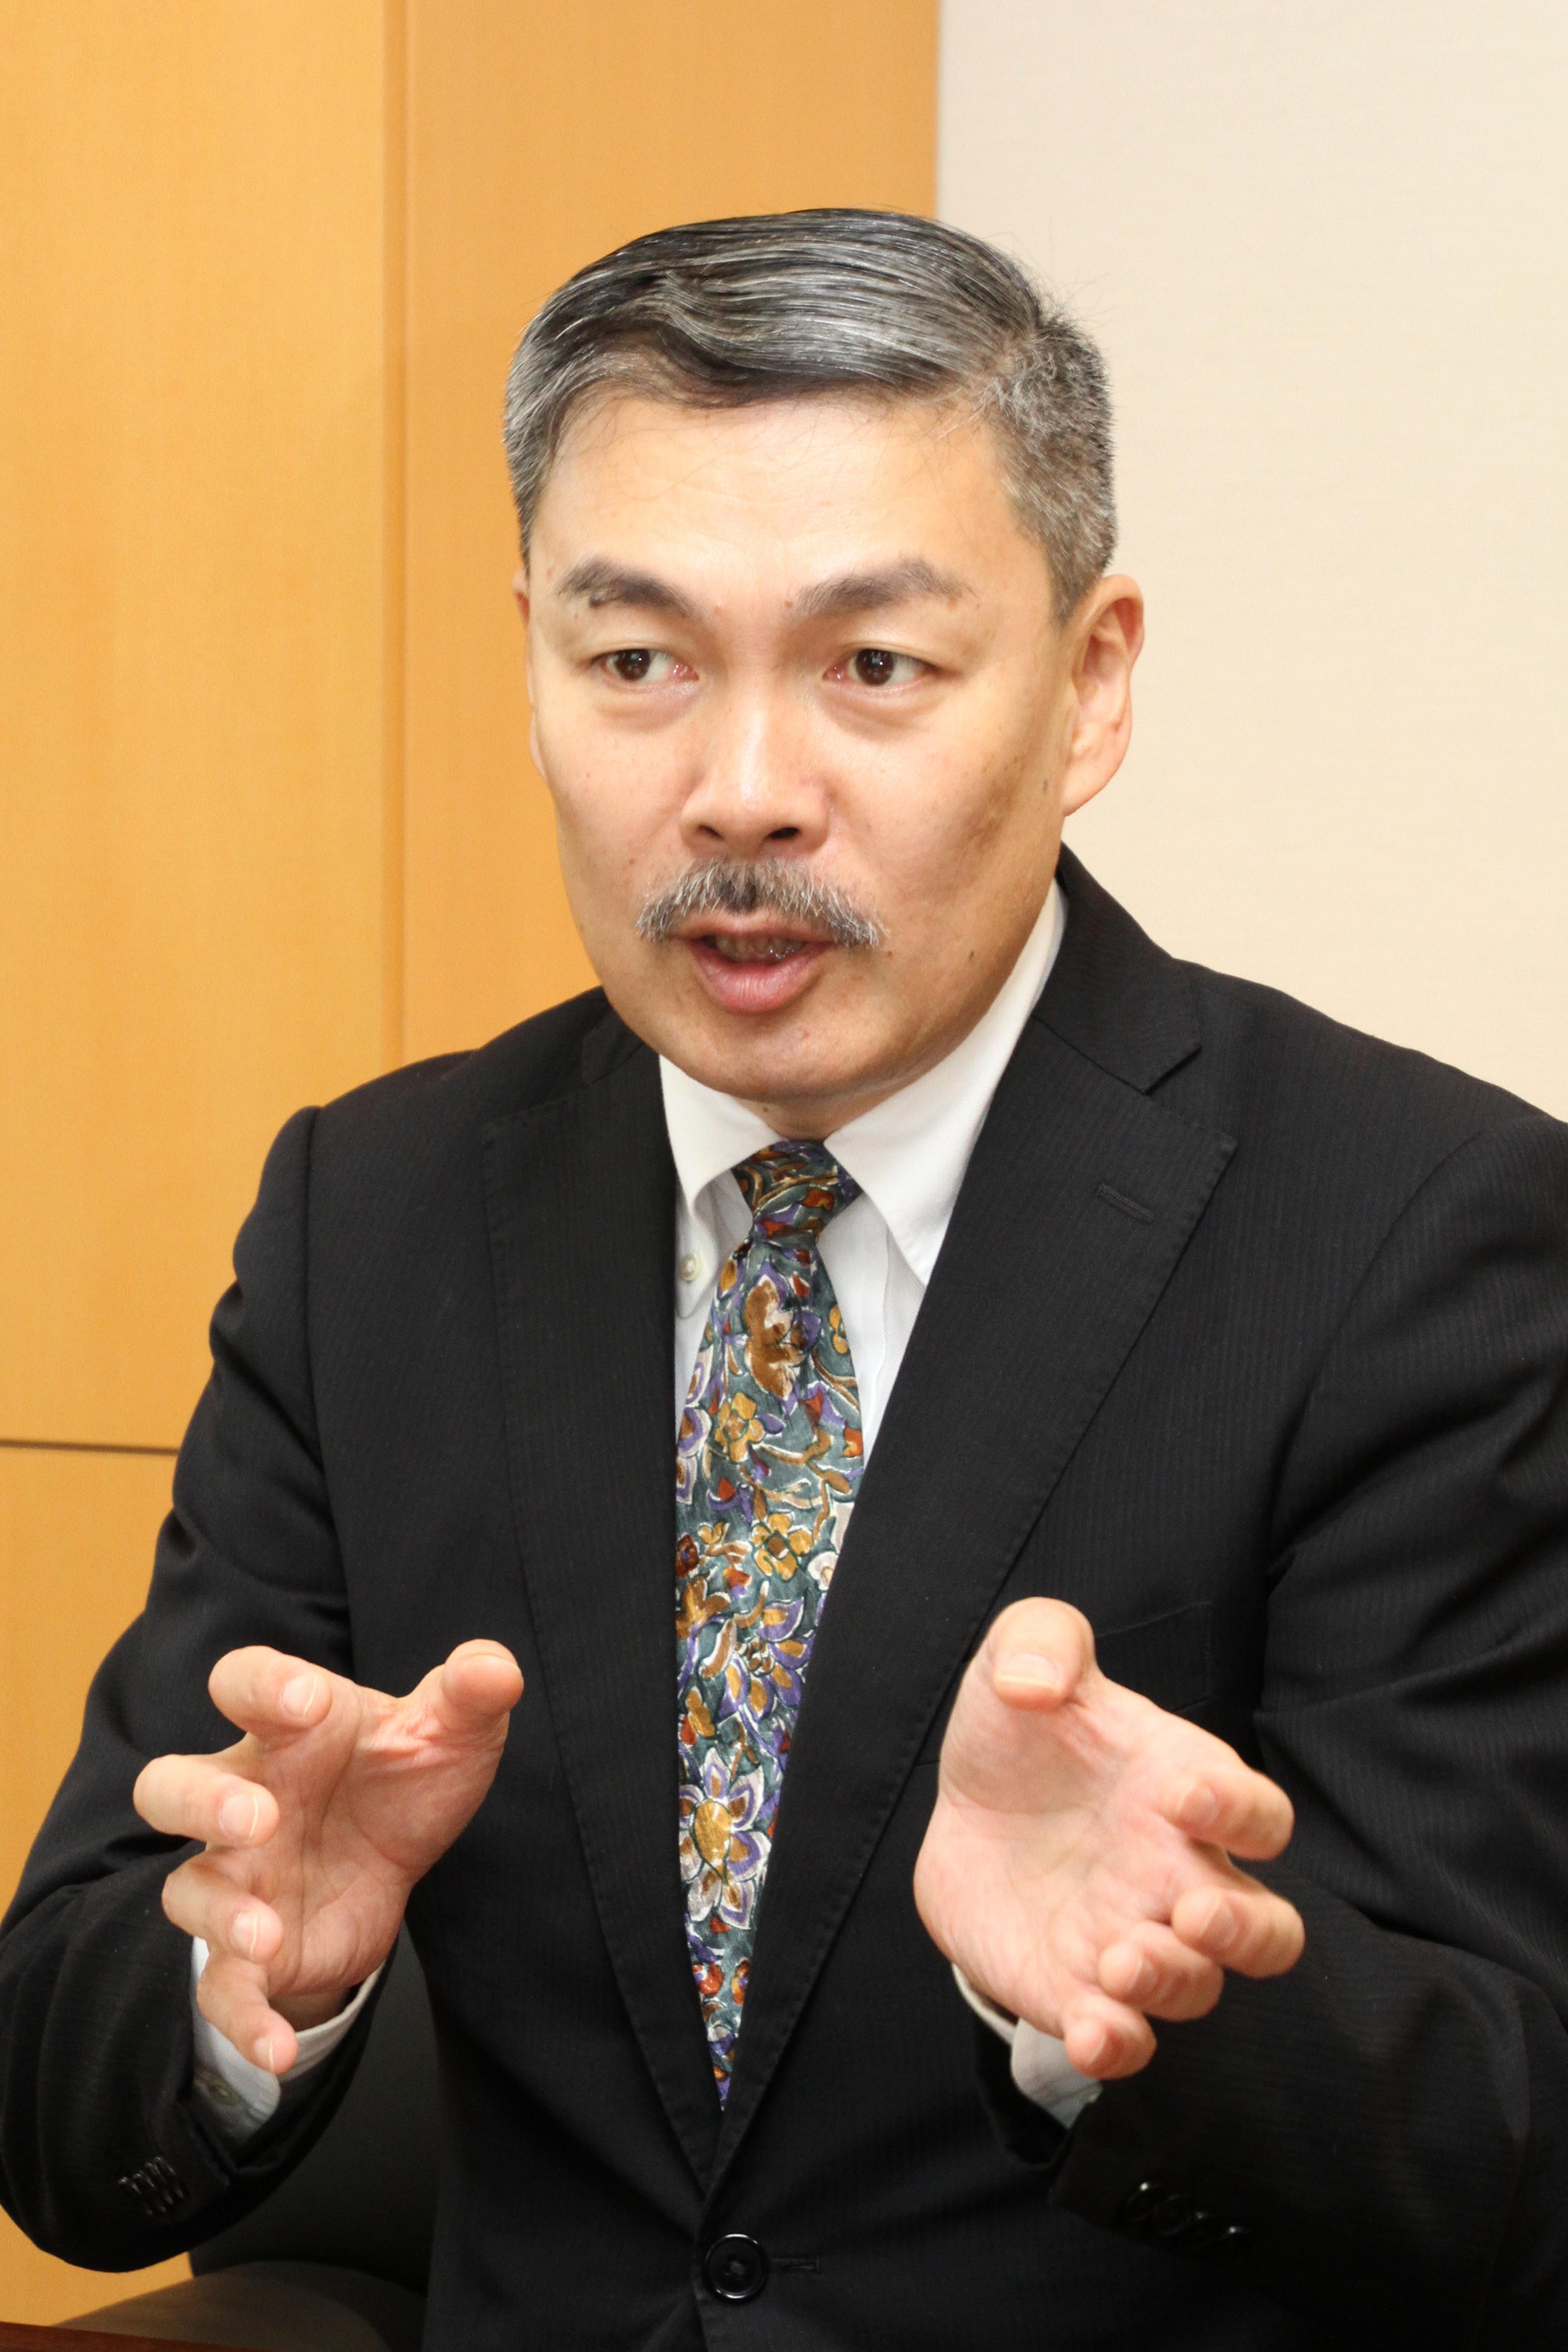 藤井 聡氏(ふじい・さとし)京都大大学院修了、工学博士。12年から内閣官房参与。奈良県出身。